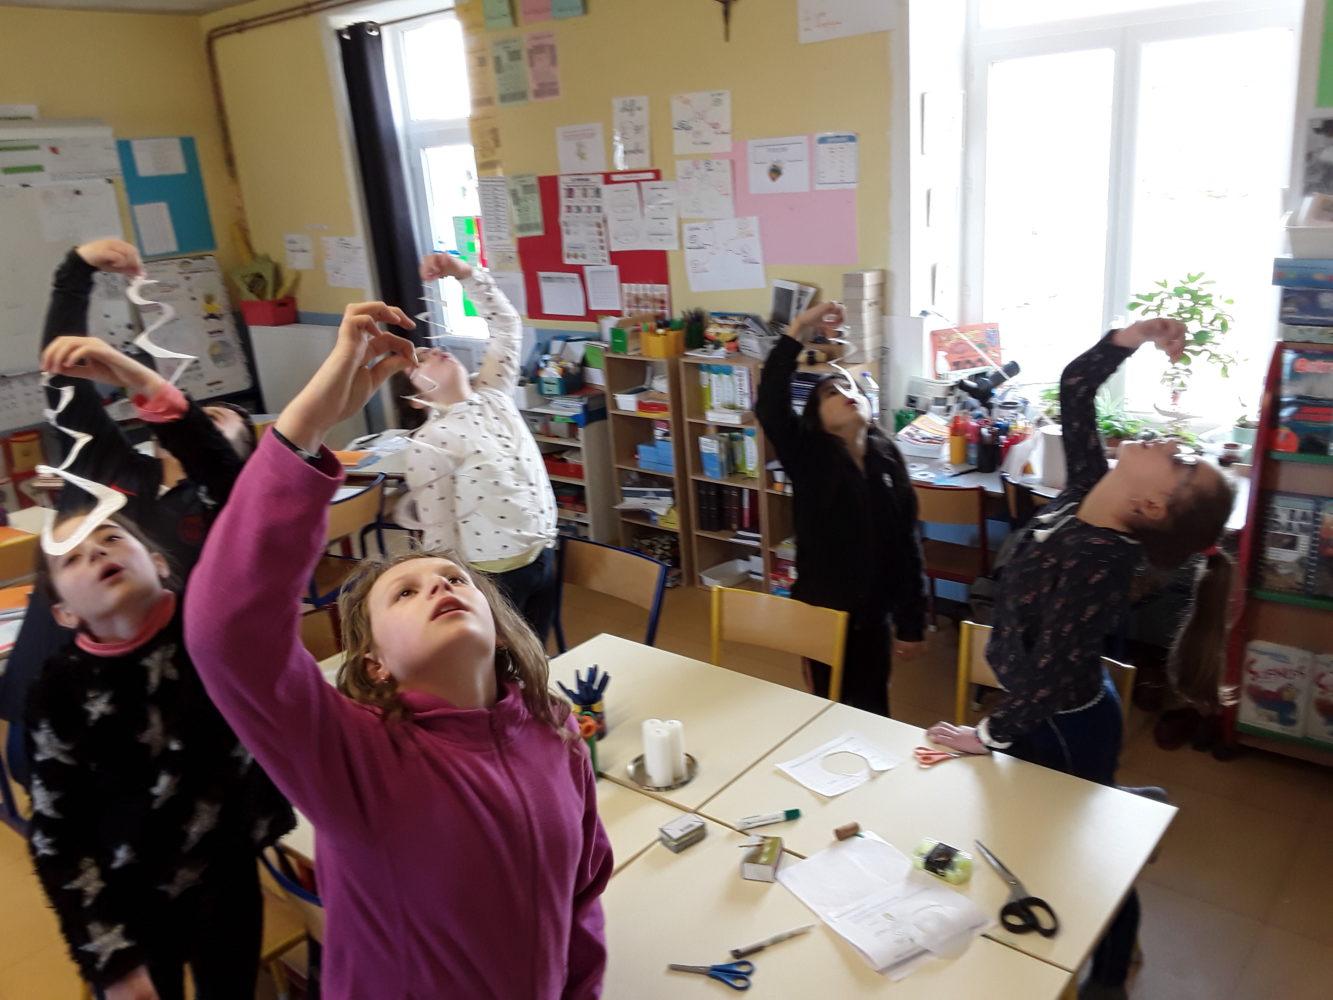 expériences: comment font les oiseaux ou certains objets pour voler?